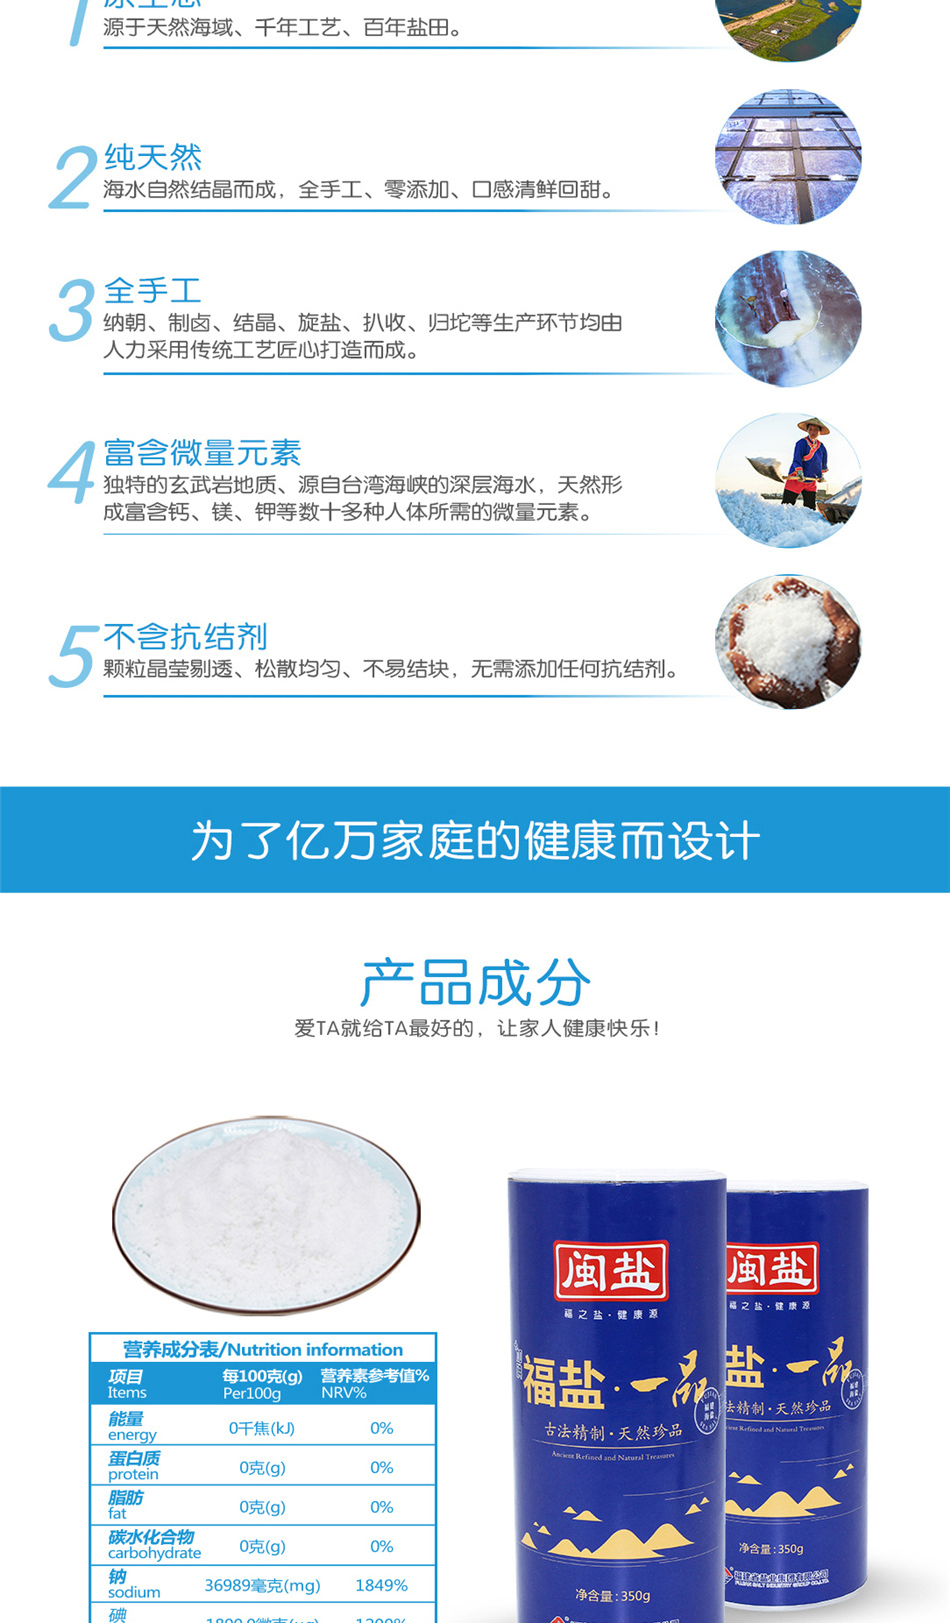 闽盐二级页面产品详情页1920dpi-万博手机版官网福盐一品_02.jpg